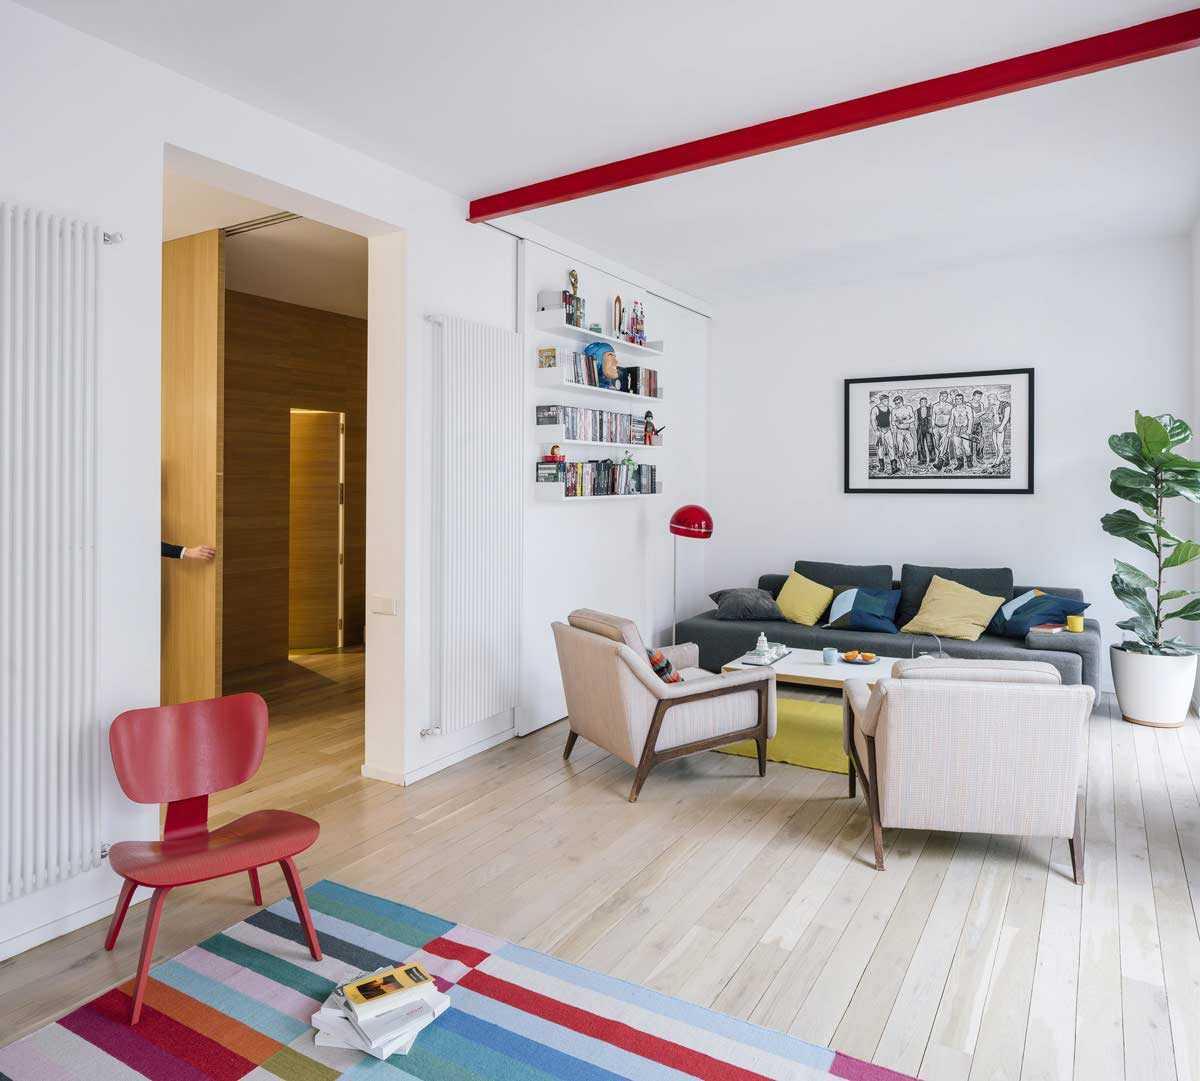 Ruang keluarga menerapkan permainan warna // home-designing.com